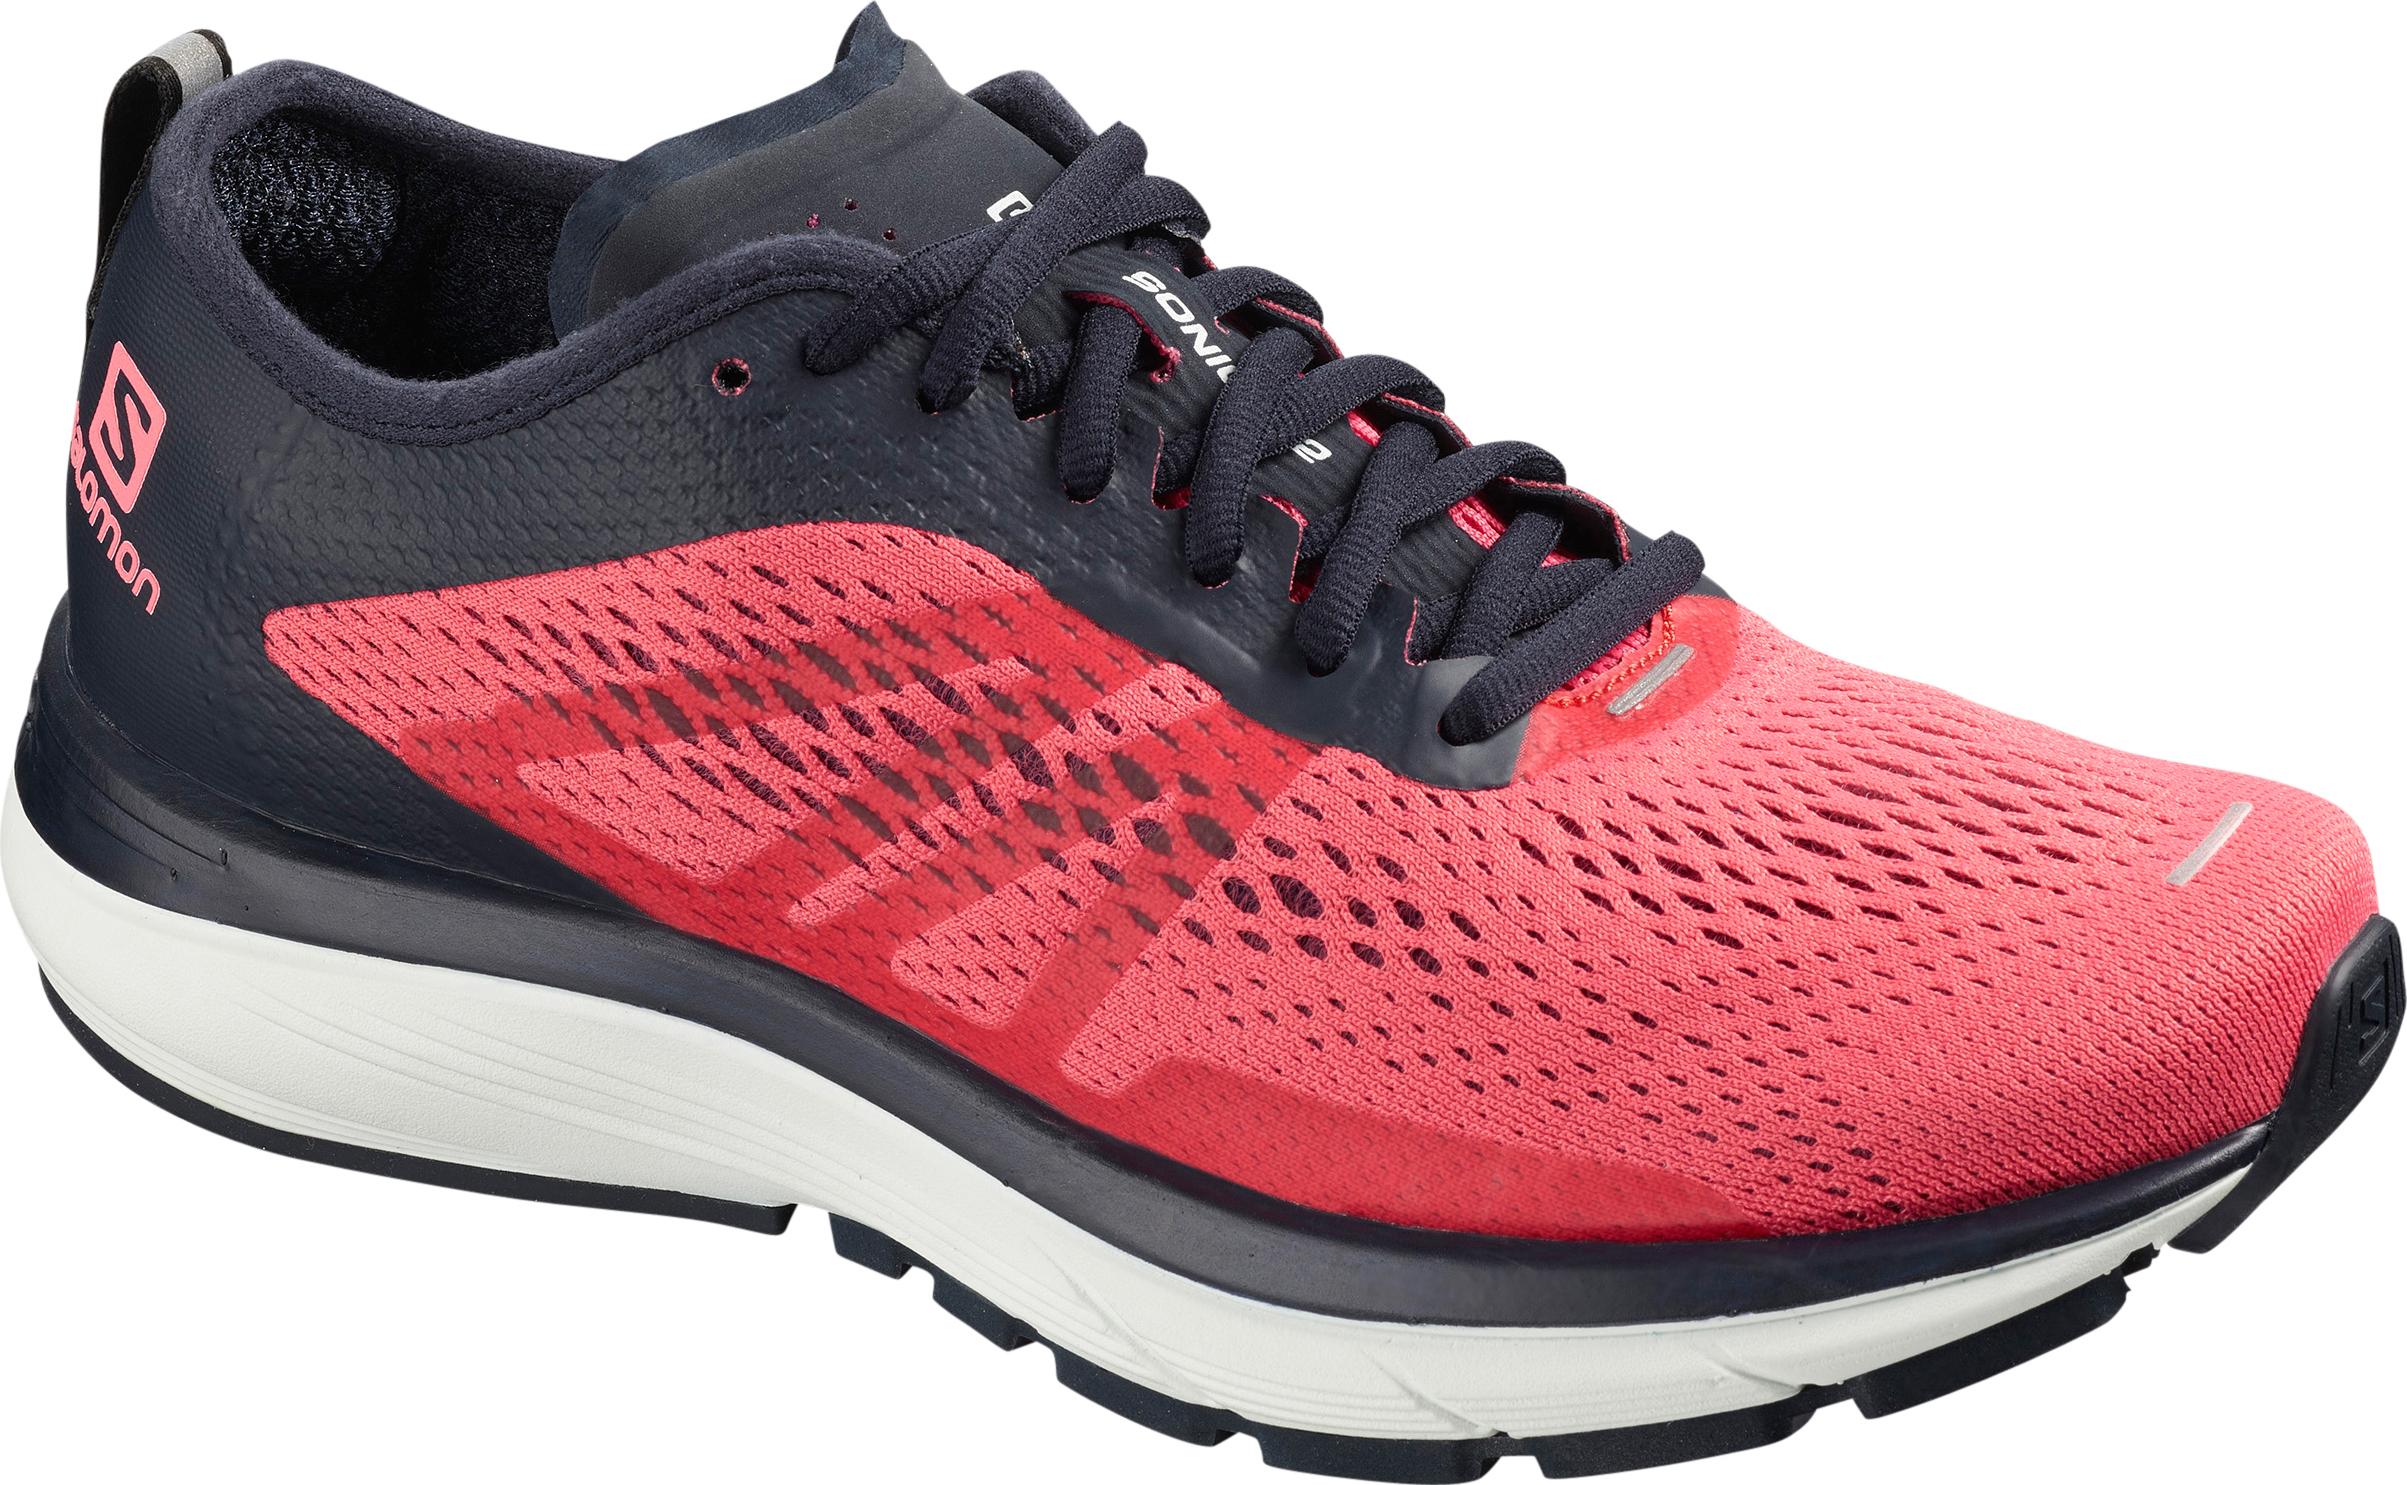 a8945f9d9d25a Women's Road running shoes | MEC